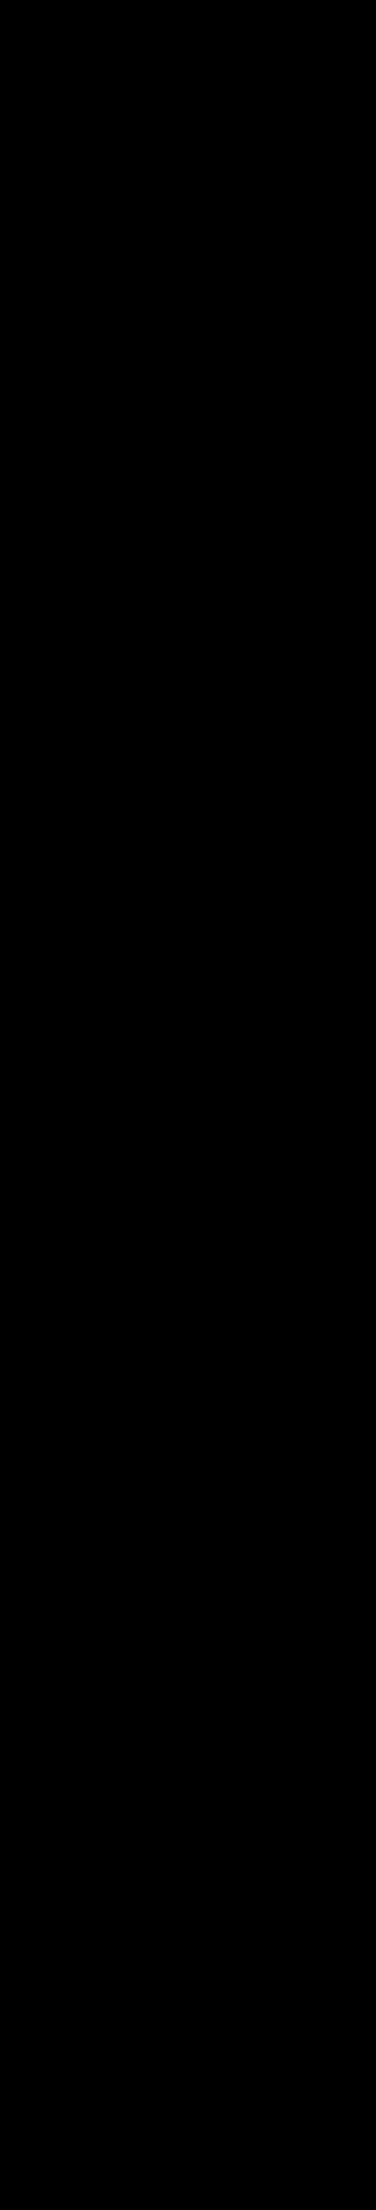 คอร์ดกีตา คอร์ดกีตา เพลง ปองปะโอนประเจียจนกัมพูเจีย